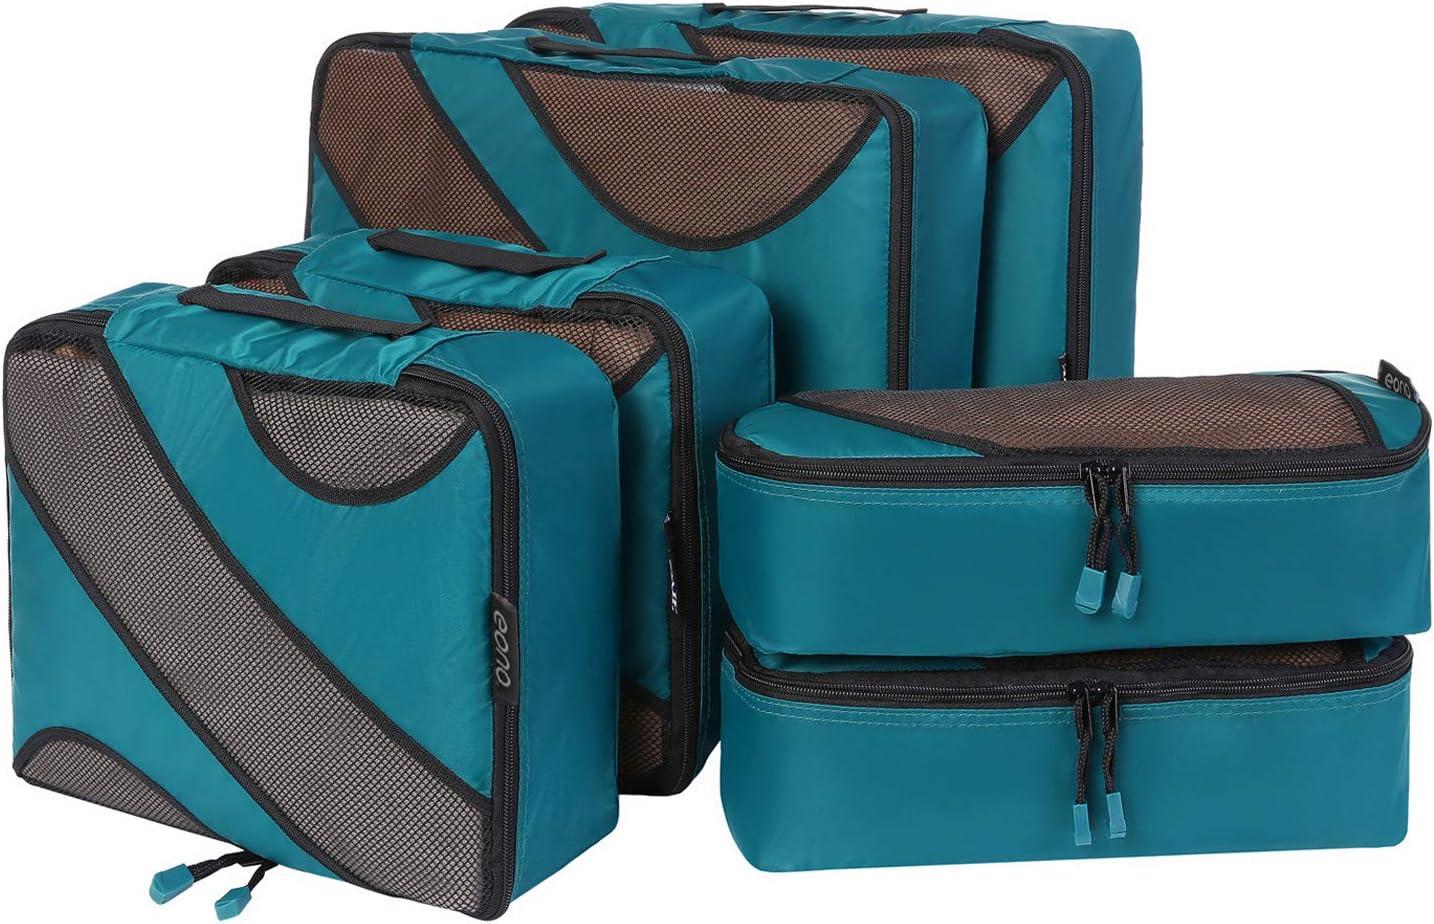 Eono by Amazon - Organizadores de Viaje Cubos de Embalaje Organizadores para Maletas Travel Packing Cubes Equipaje de Viaje Organizadores Organizadores para el Equipaje, Teal, 6 Pcs